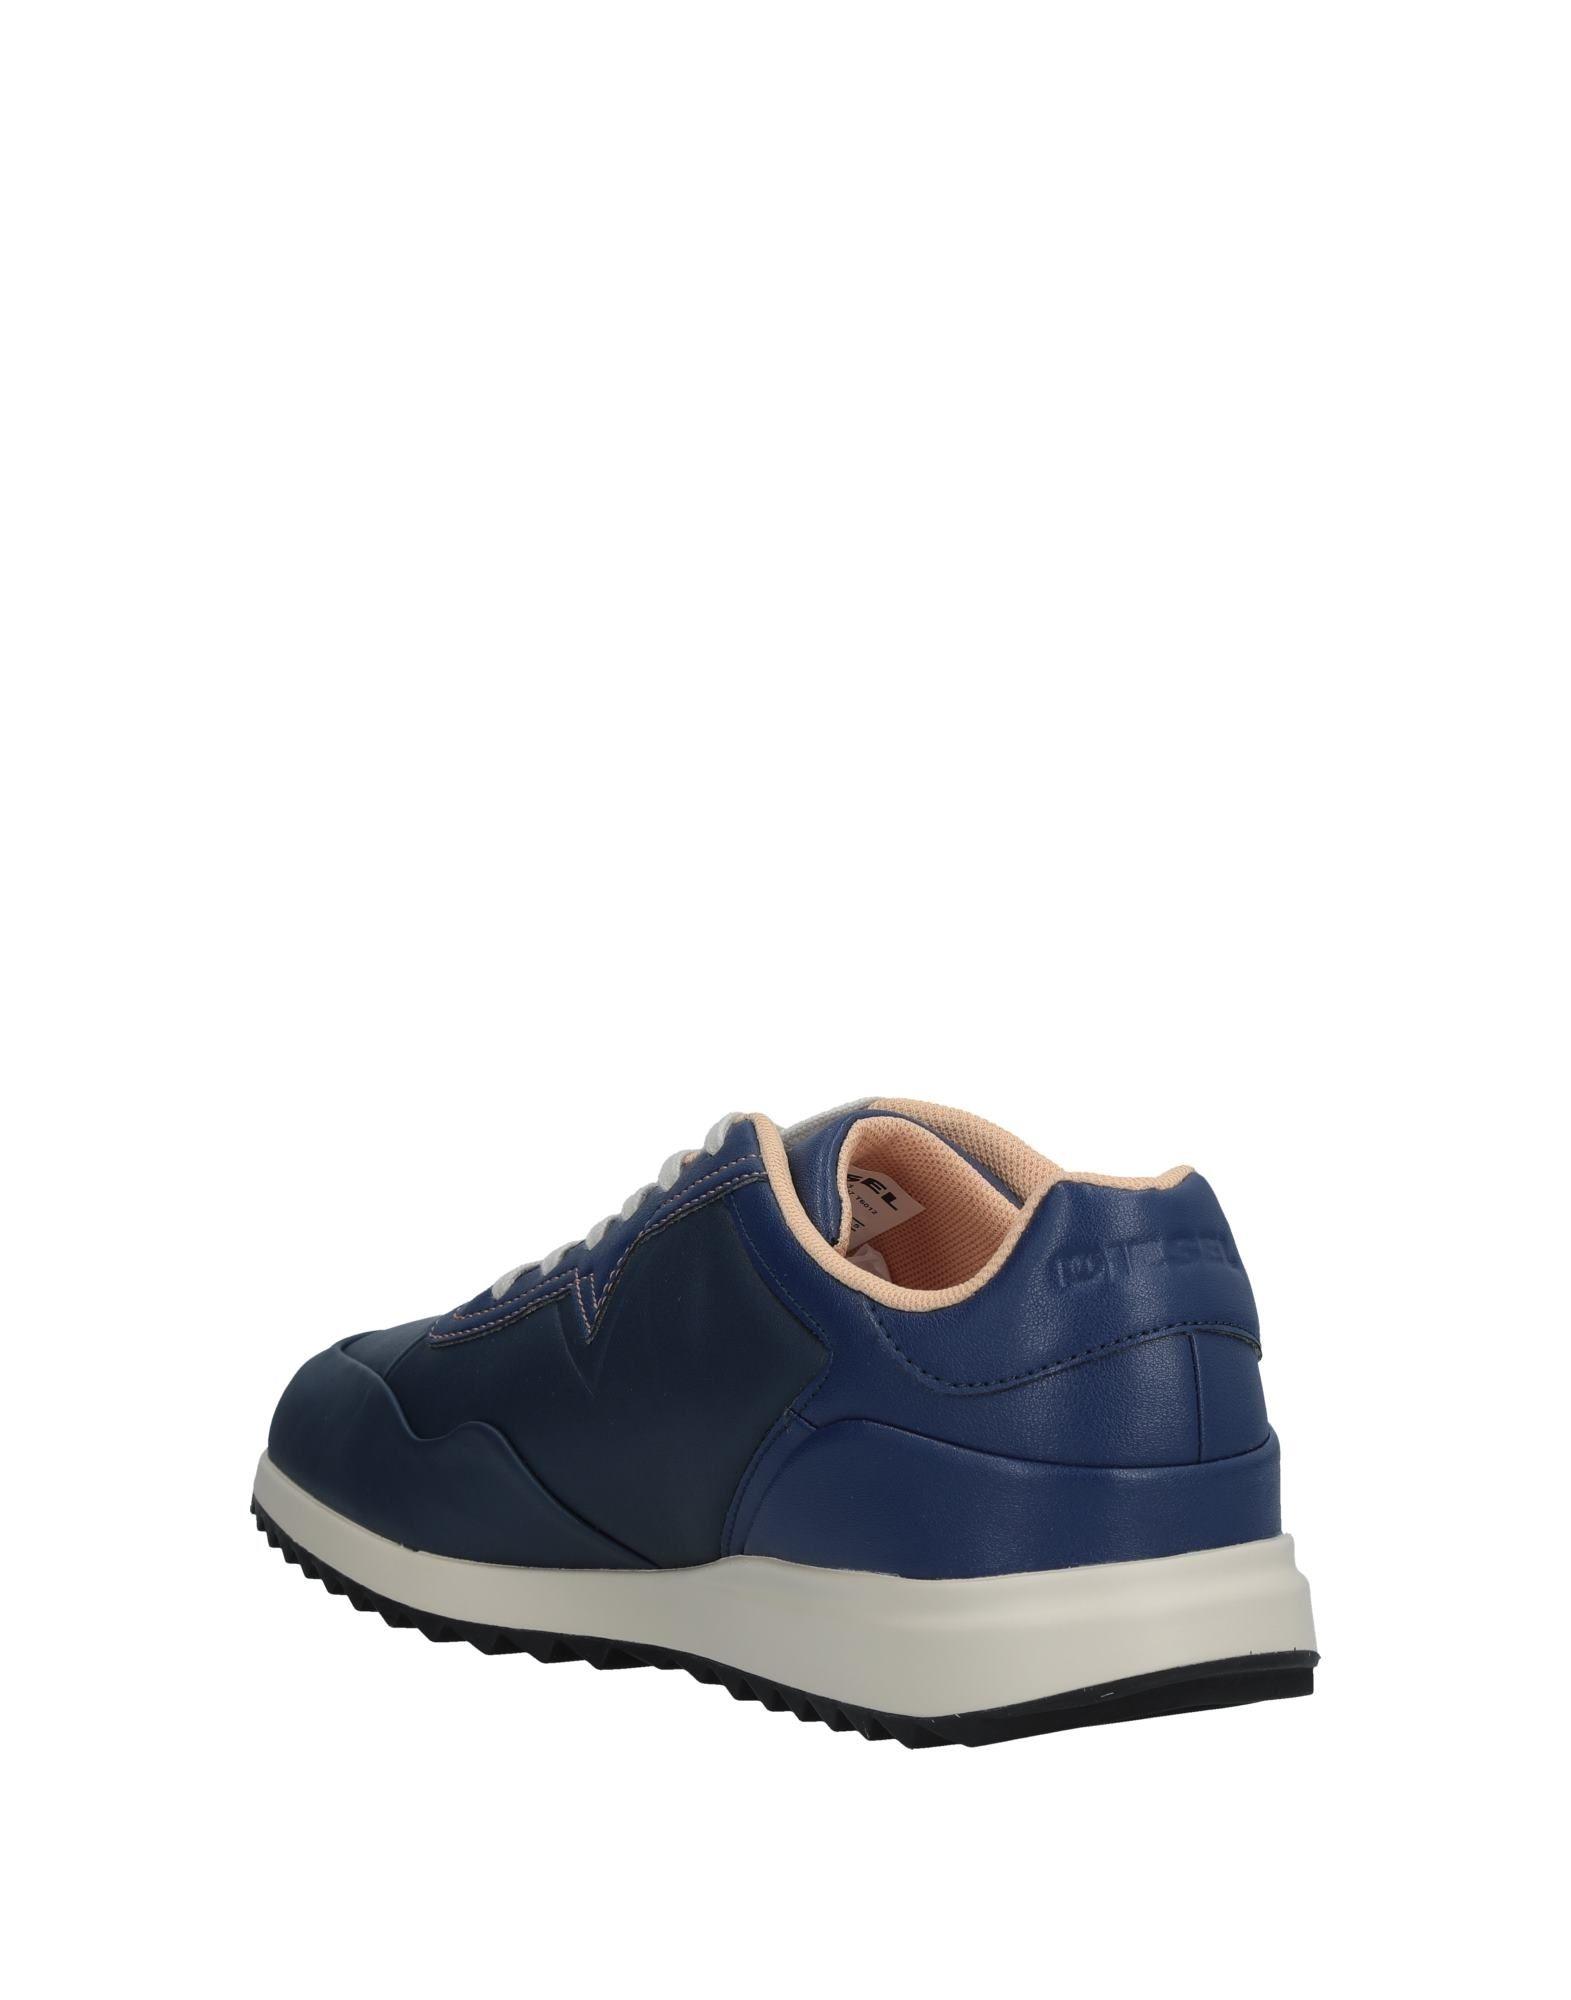 Herren Diesel Sneakers Herren   11535331KF Heiße Schuhe 759eb4